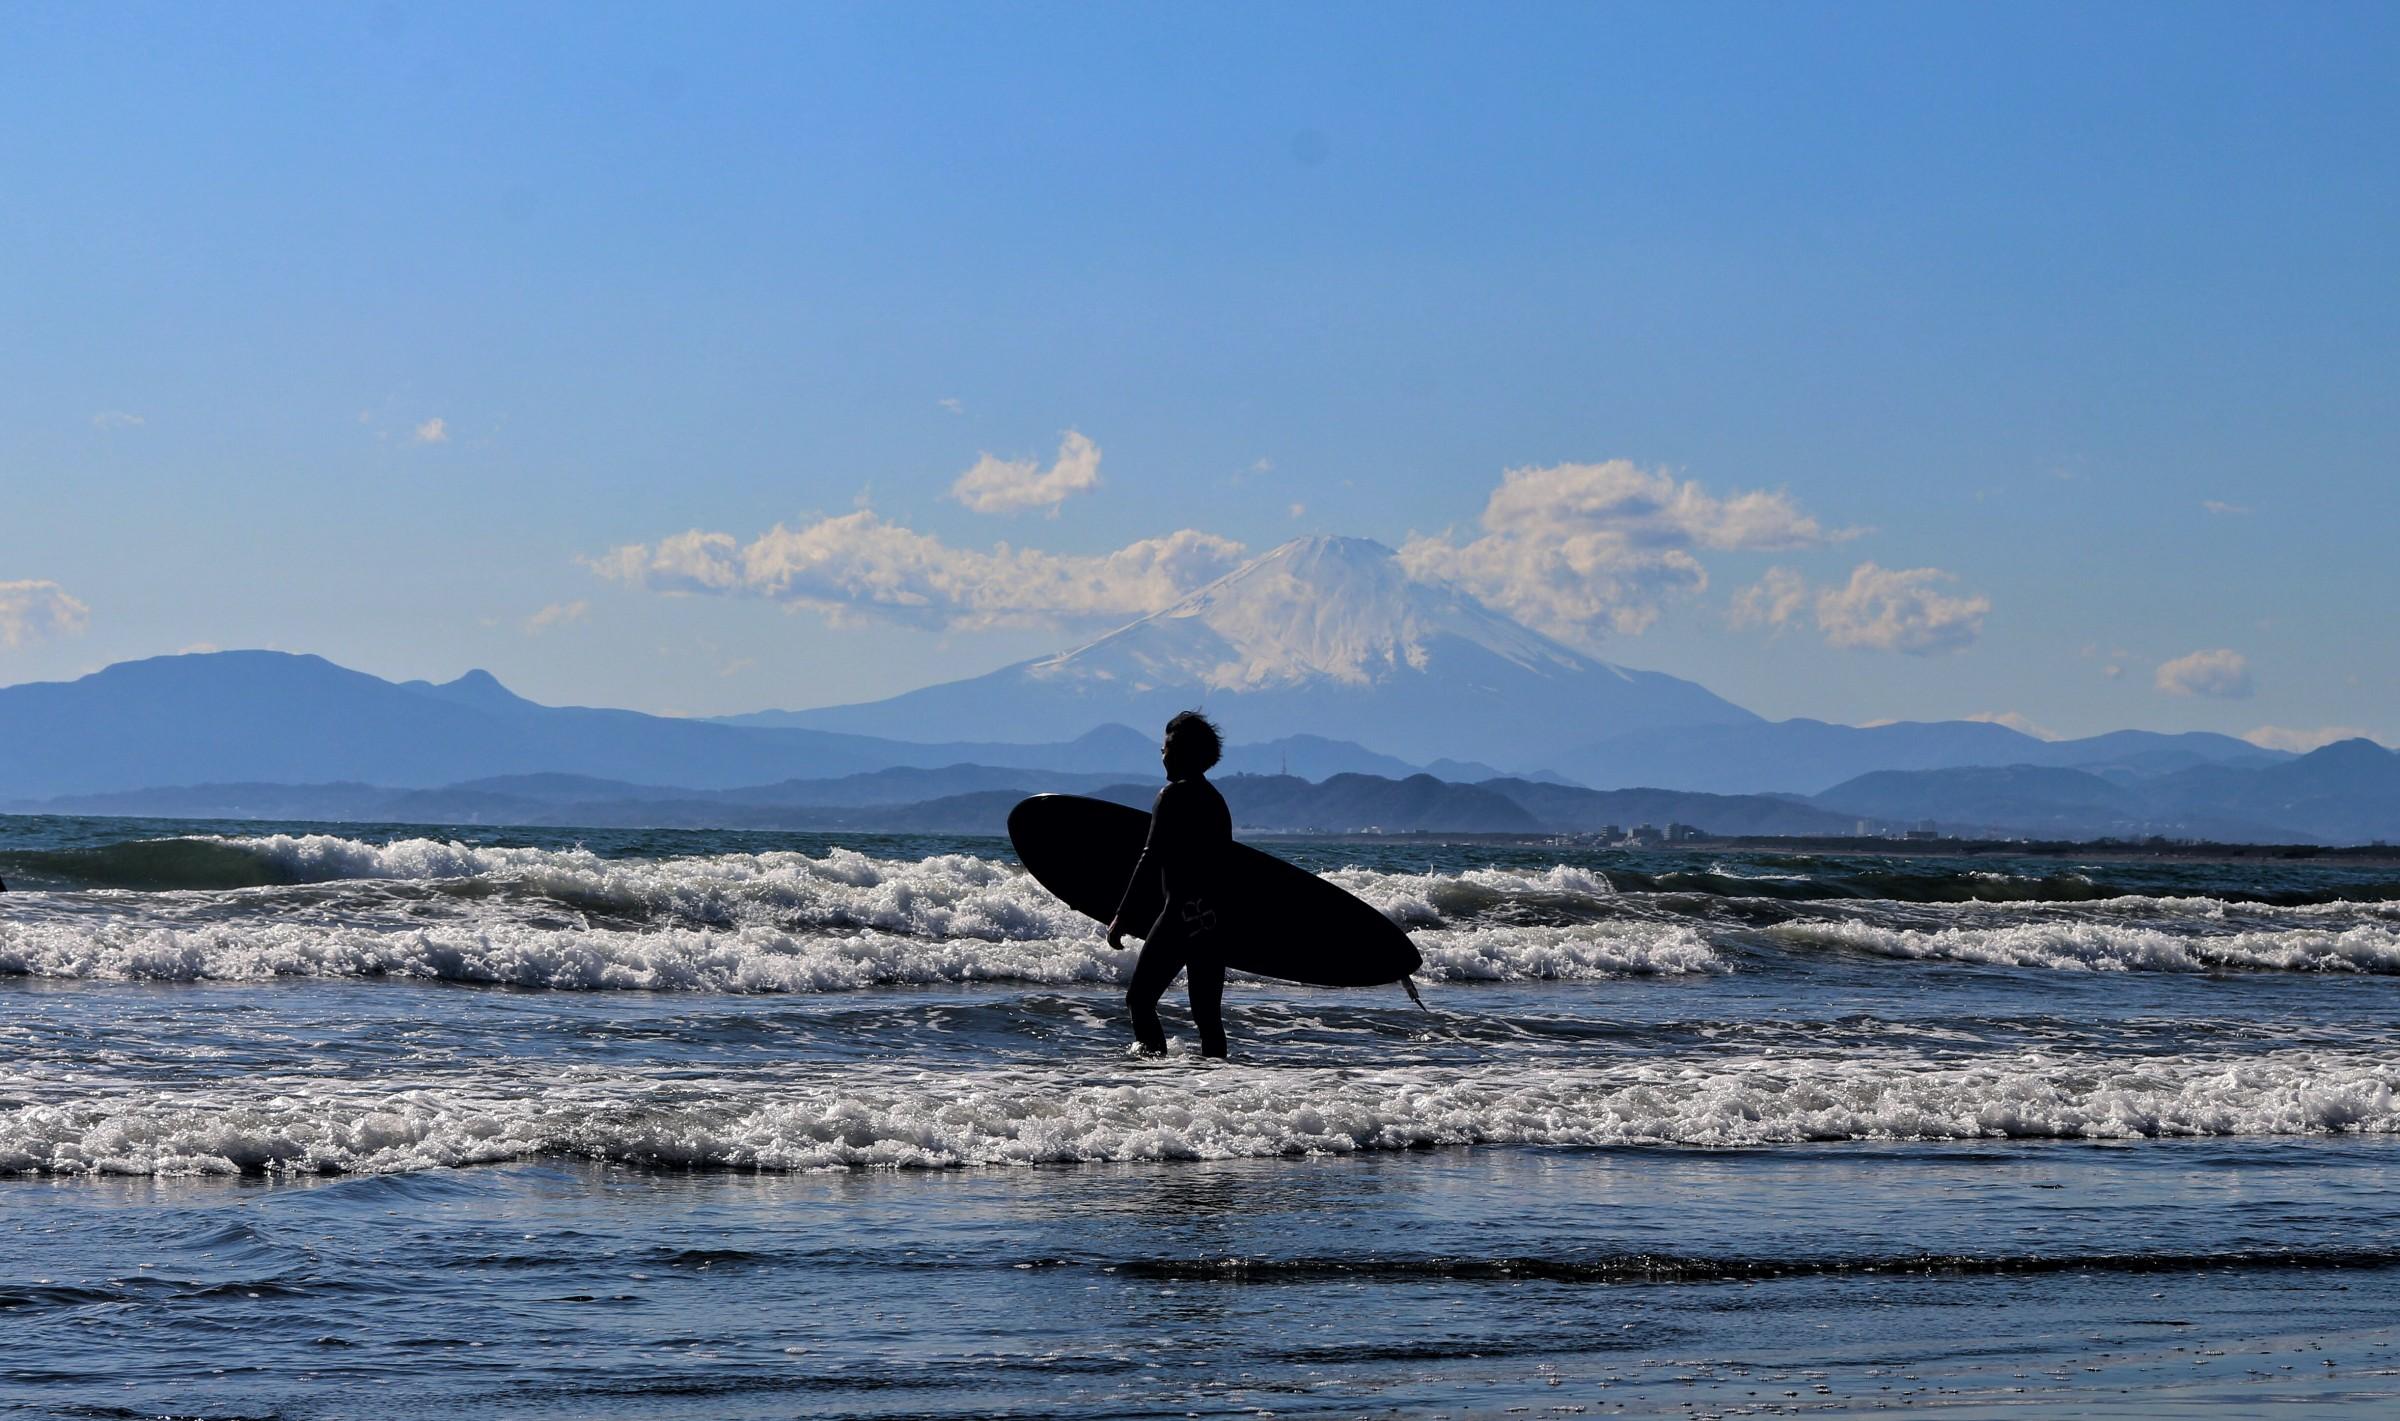 Surfing in Enoshima, Japan